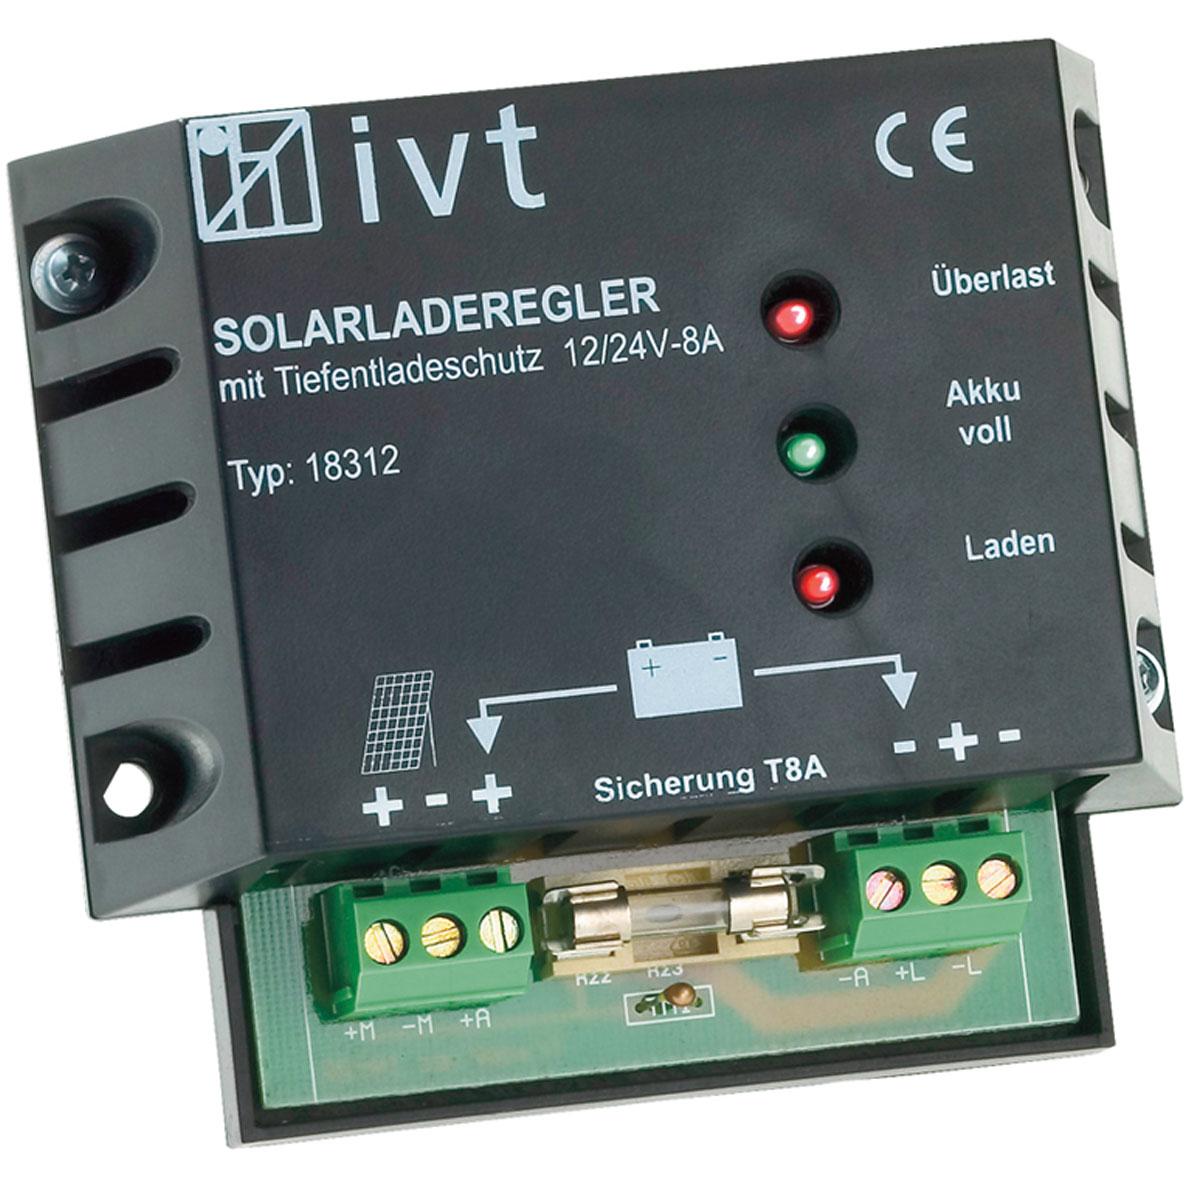 12V/24V napelemes töltésvezérlő 8A